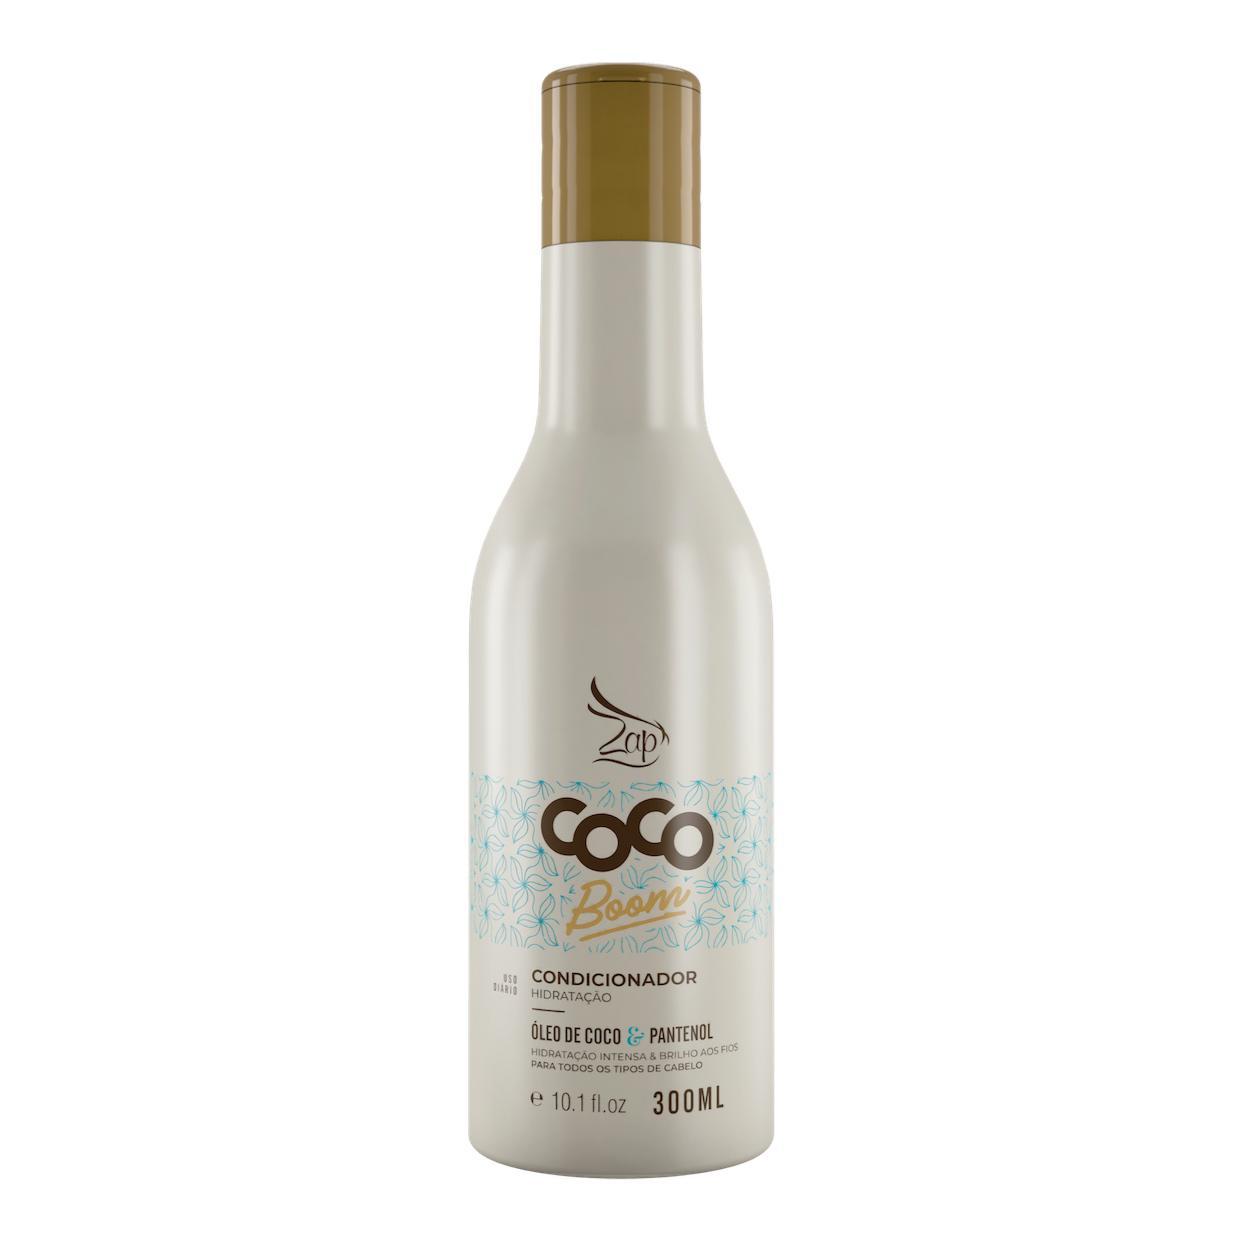 Zap Coco Boom Condicionador Manutenção 300ml